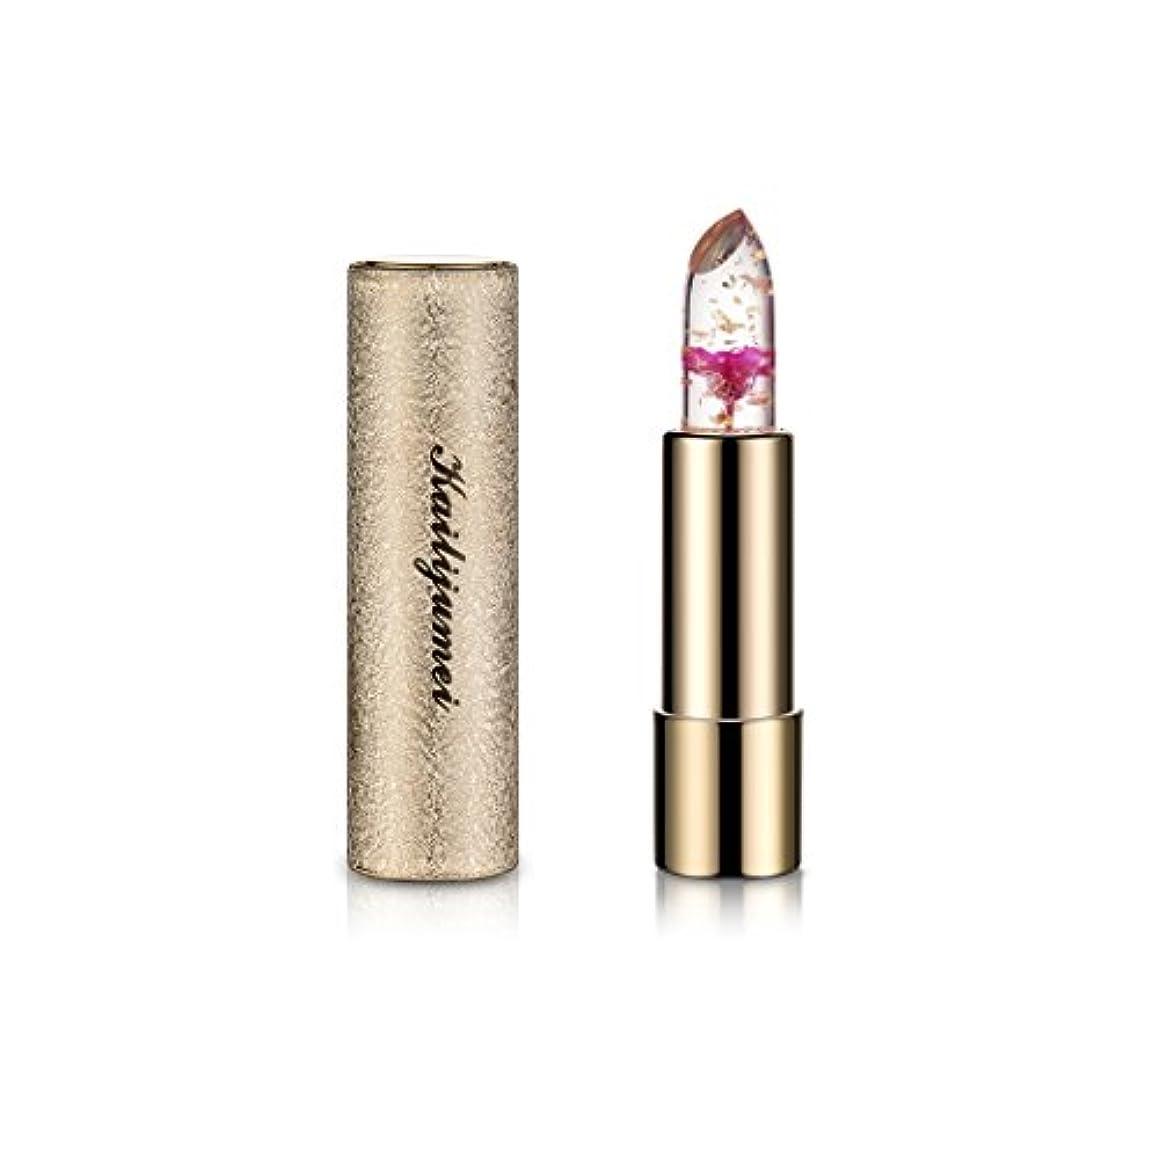 メイドピルファーリーク日本限定モデル 新作 kailijumei magic color lip 日本正規品 マジックカラー 唇の温度で色が変化するリップ 口紅 リップバーム カイリジュメイ ドライフラワー お花 (FLAME RED(レッド))